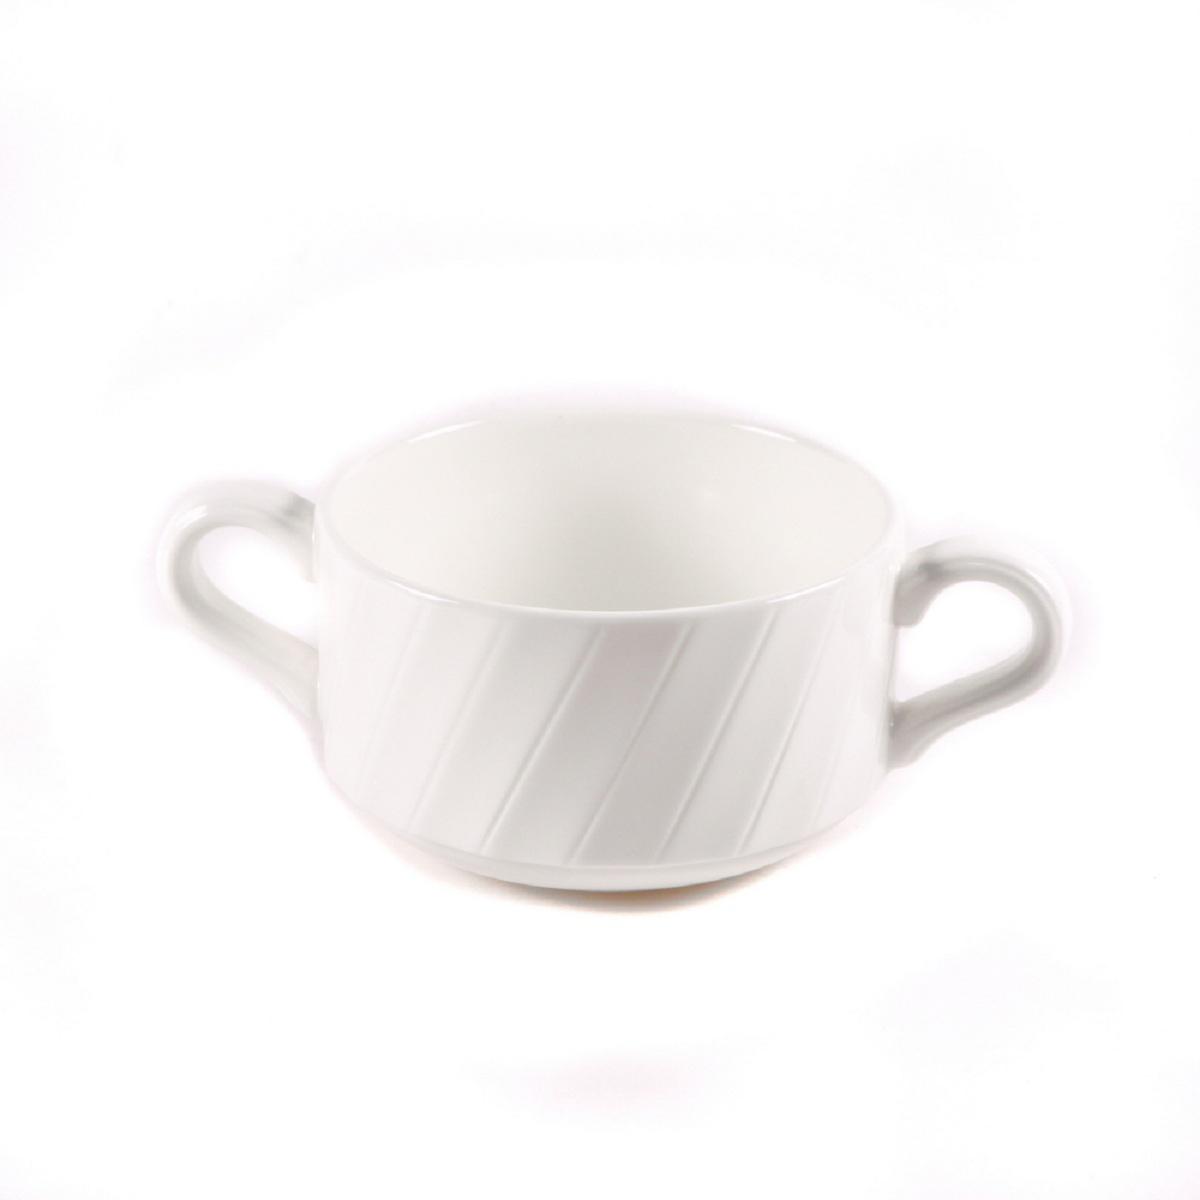 Бульонница Nuova Cer Mayfair, цвет: белый, 280 млB1653Бульонница Nuova Cer Mayfair- новый уникальный продукт на рынке фарфора, производится из материала, в состав которого входит алюминиум(глинозем) в виде порошка, что придает фарфору уникальные свойства: белоснежный цвет, как на поверхности, так и на изломе, более тонкие иизящные формы, так как добавление металла делает фарфоровую массу более пластичной, устойчивость к сколам и царапинам.Возможный перепад температур при эксплуатации до 200 градусов!Фарфор покрывается глазурью, что характеризует эту посуду как продукт высшего класса.Идеально подходит для использования в микроволновой печи и посудомоечной машине.